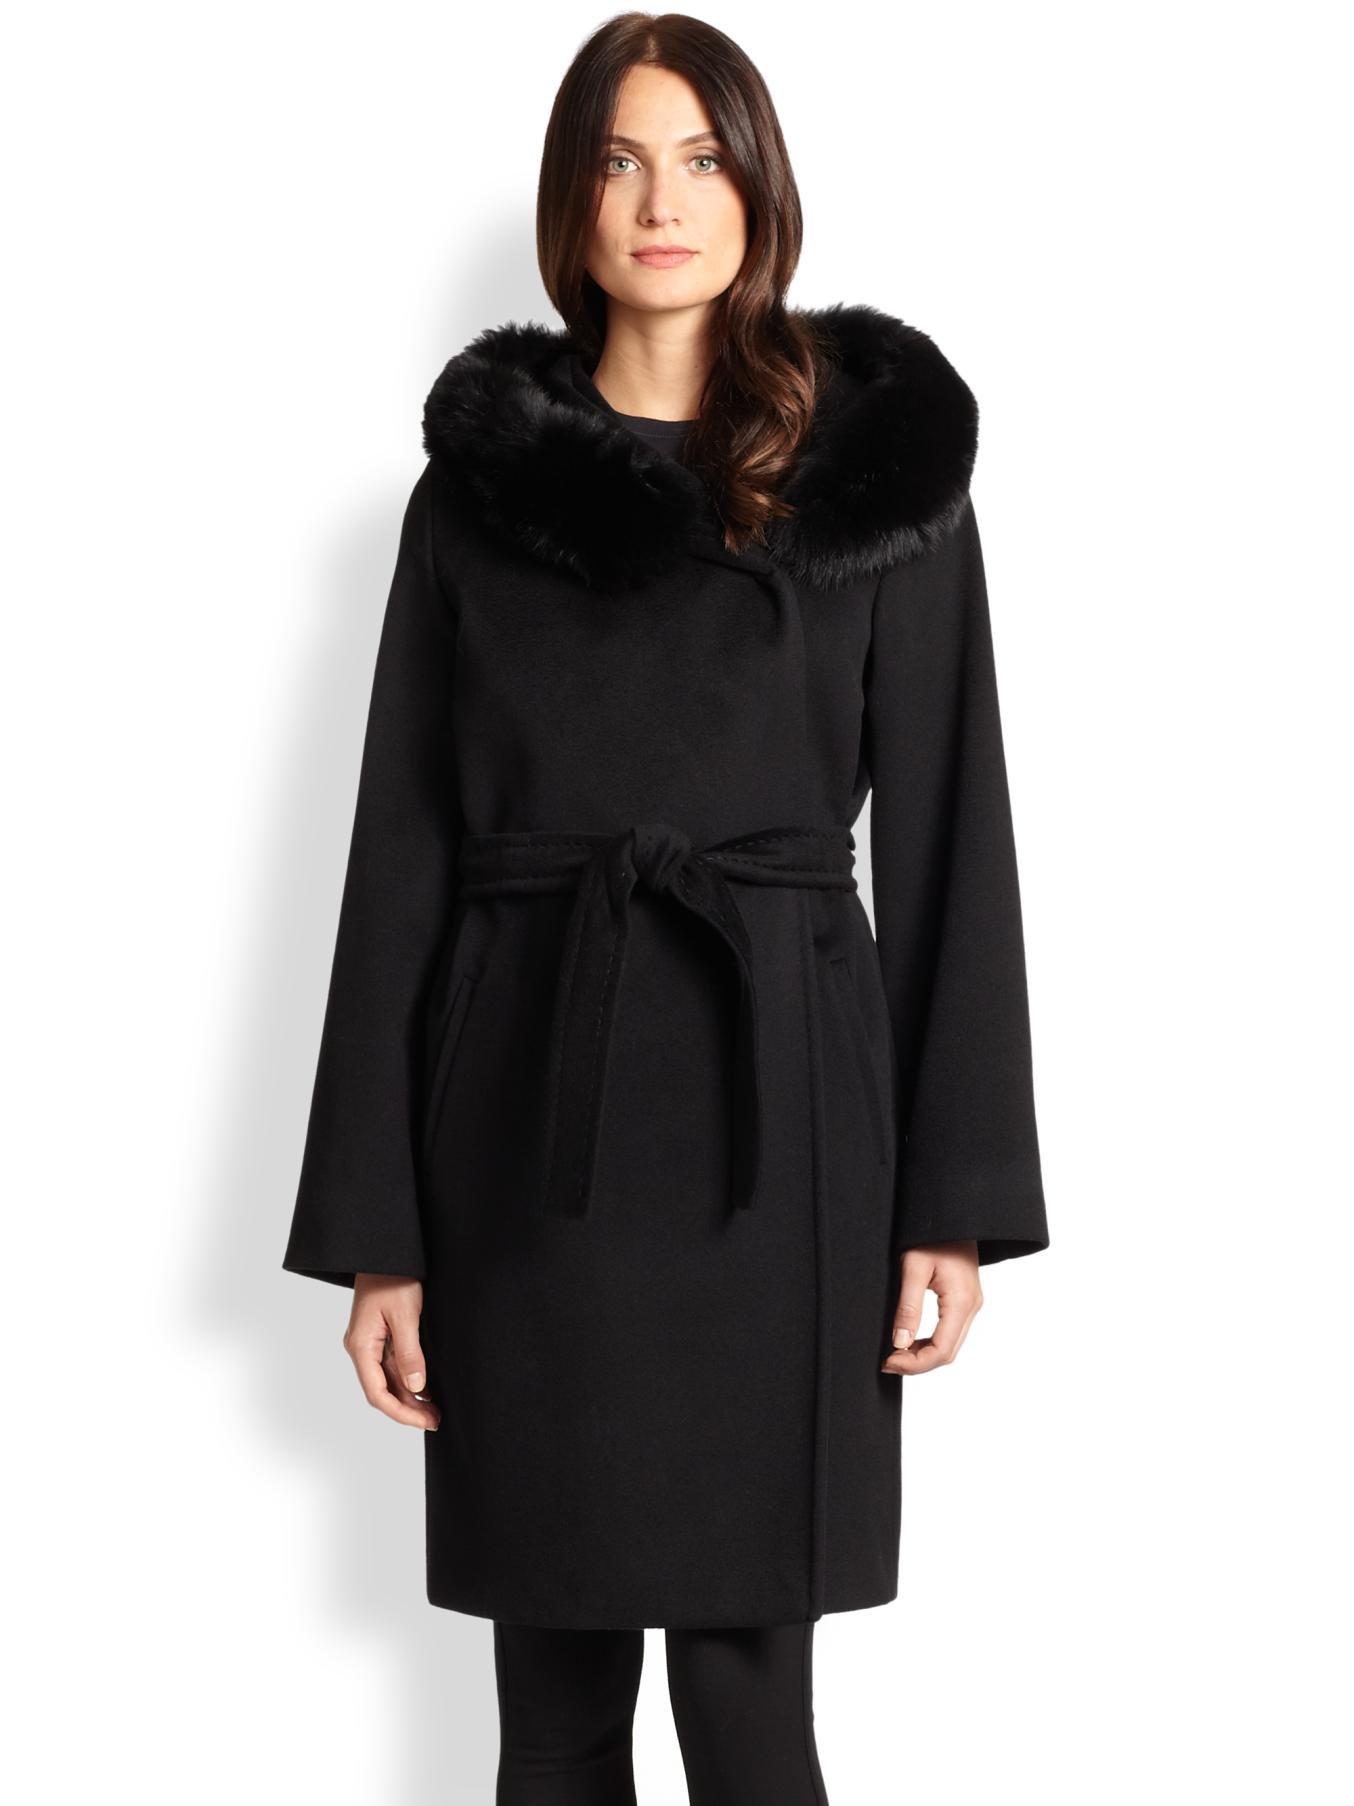 Max mara studio Fur-Trim Cashmere Wrap Coat in Black | Lyst